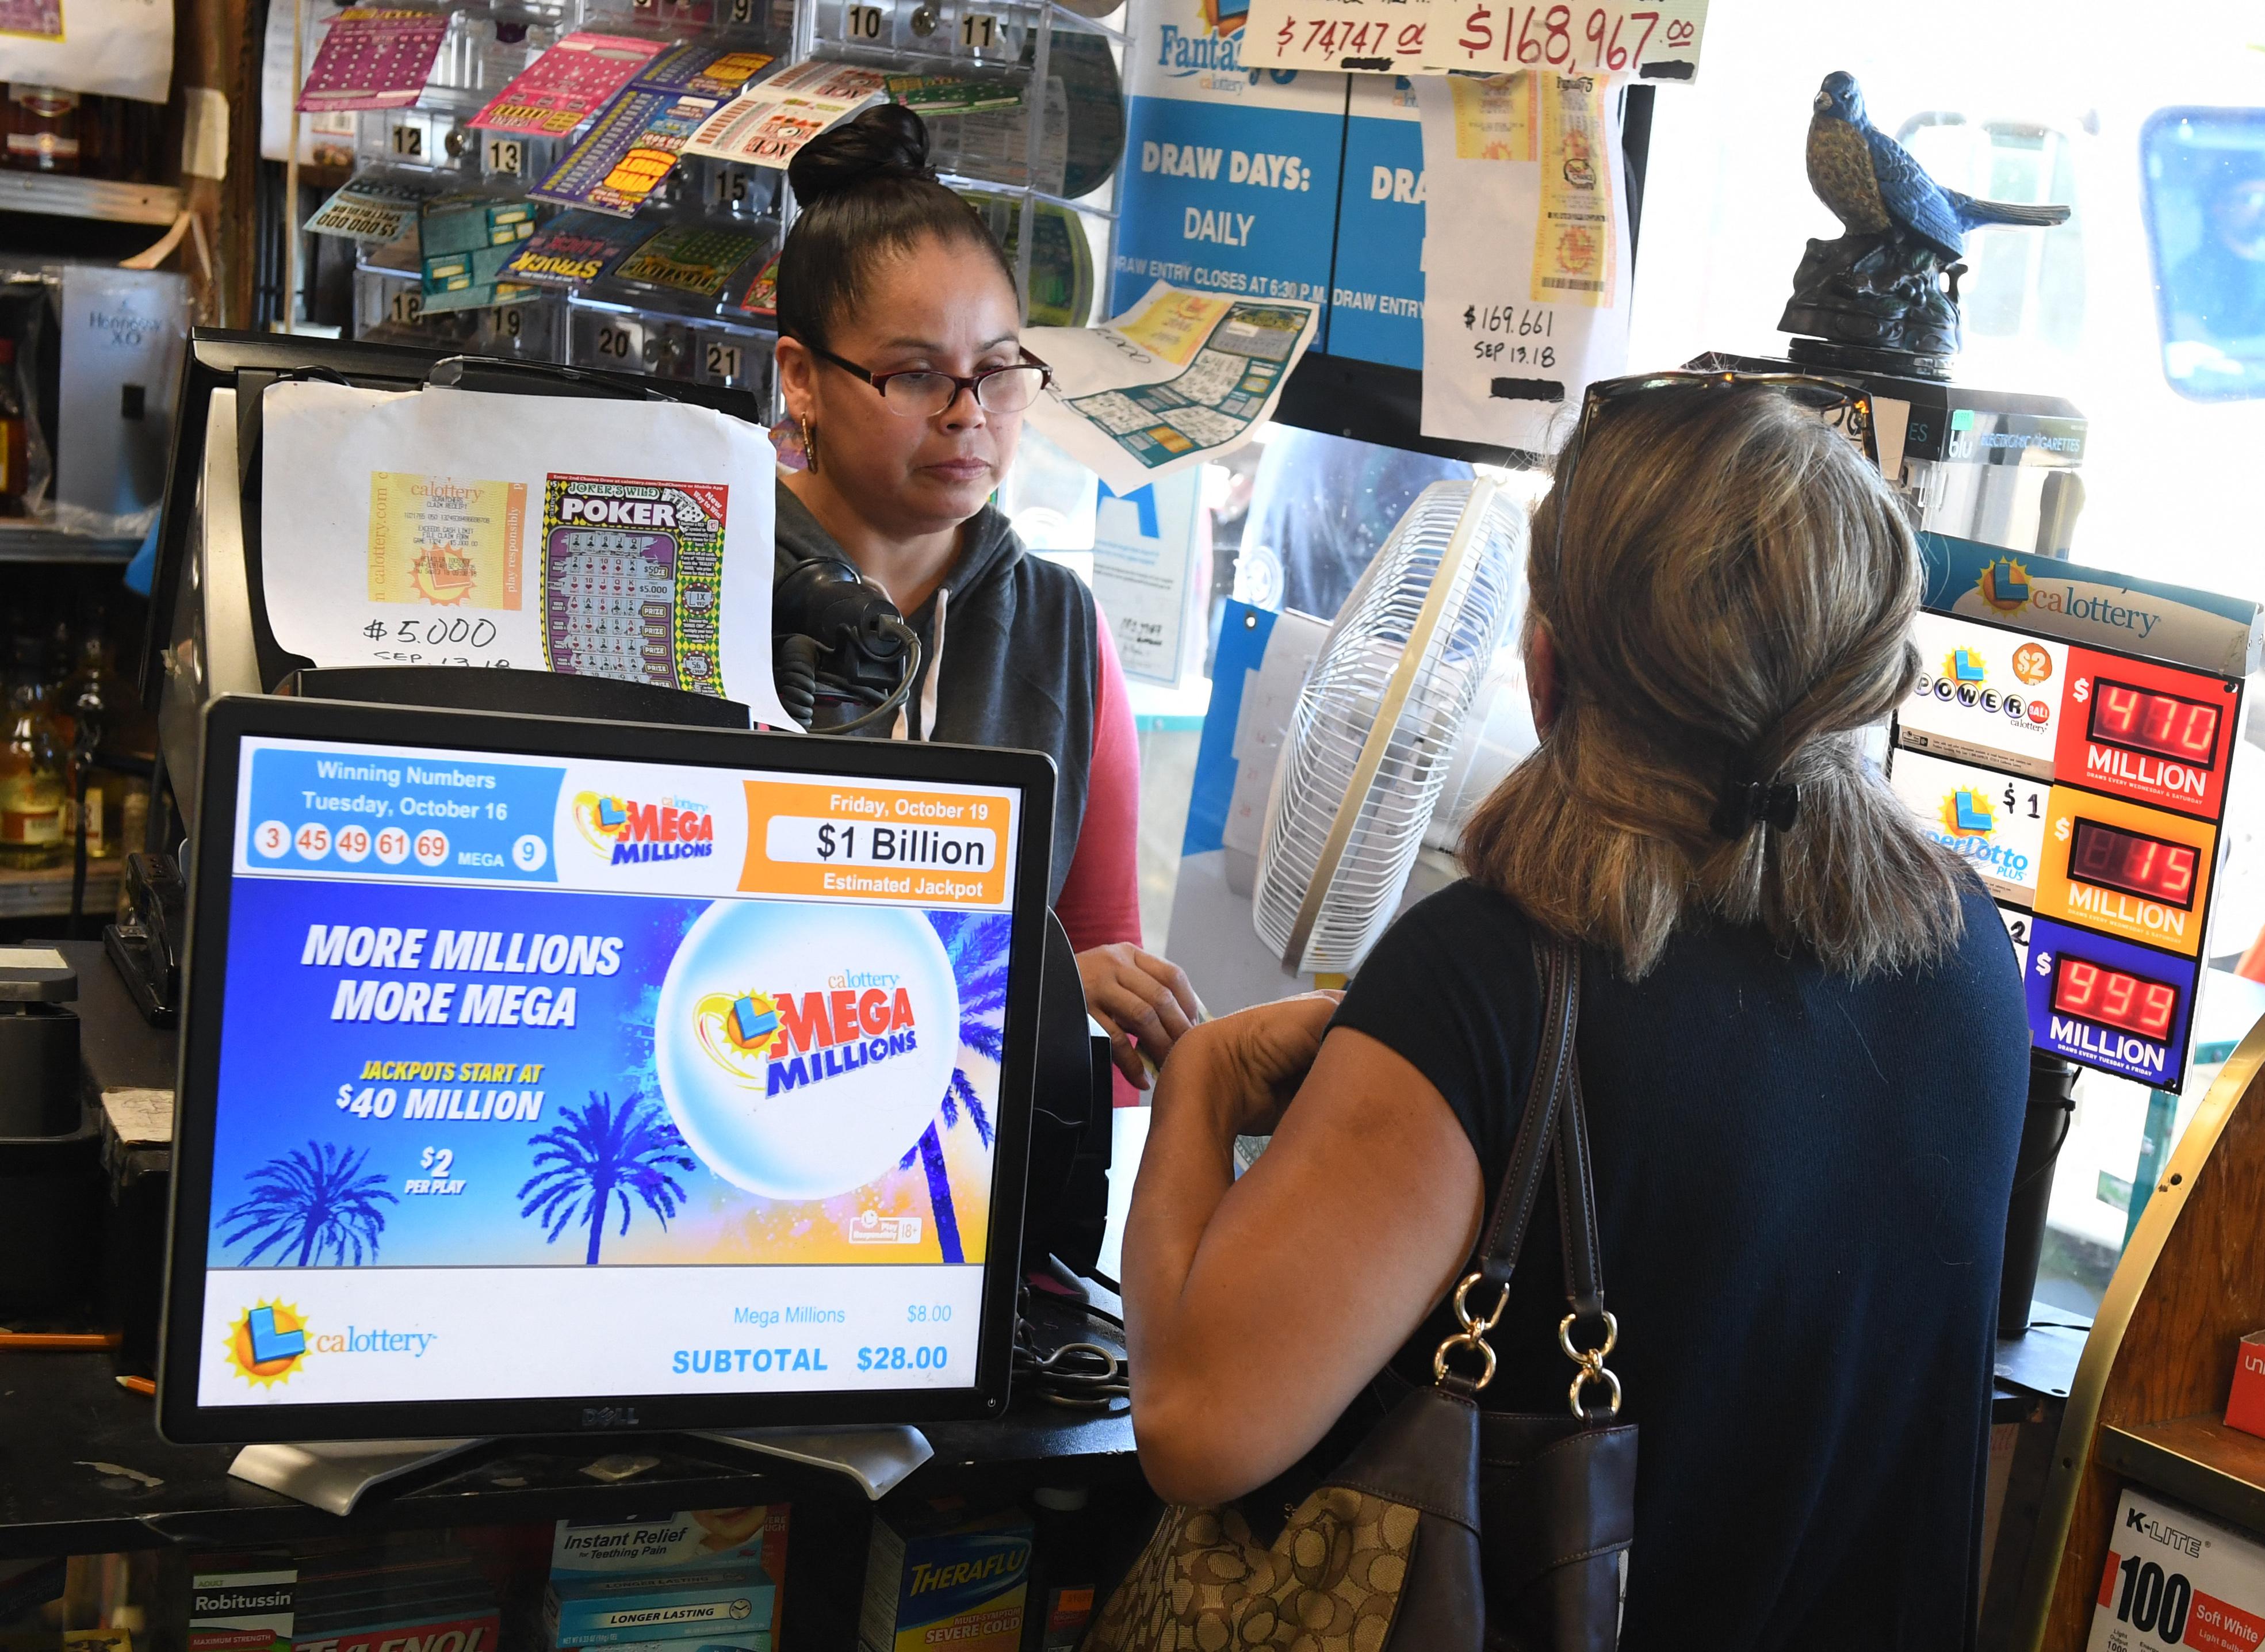 Egy kaliforniai nő azt mondja, kimosta a 26 milliós nyertes lottószelvényét